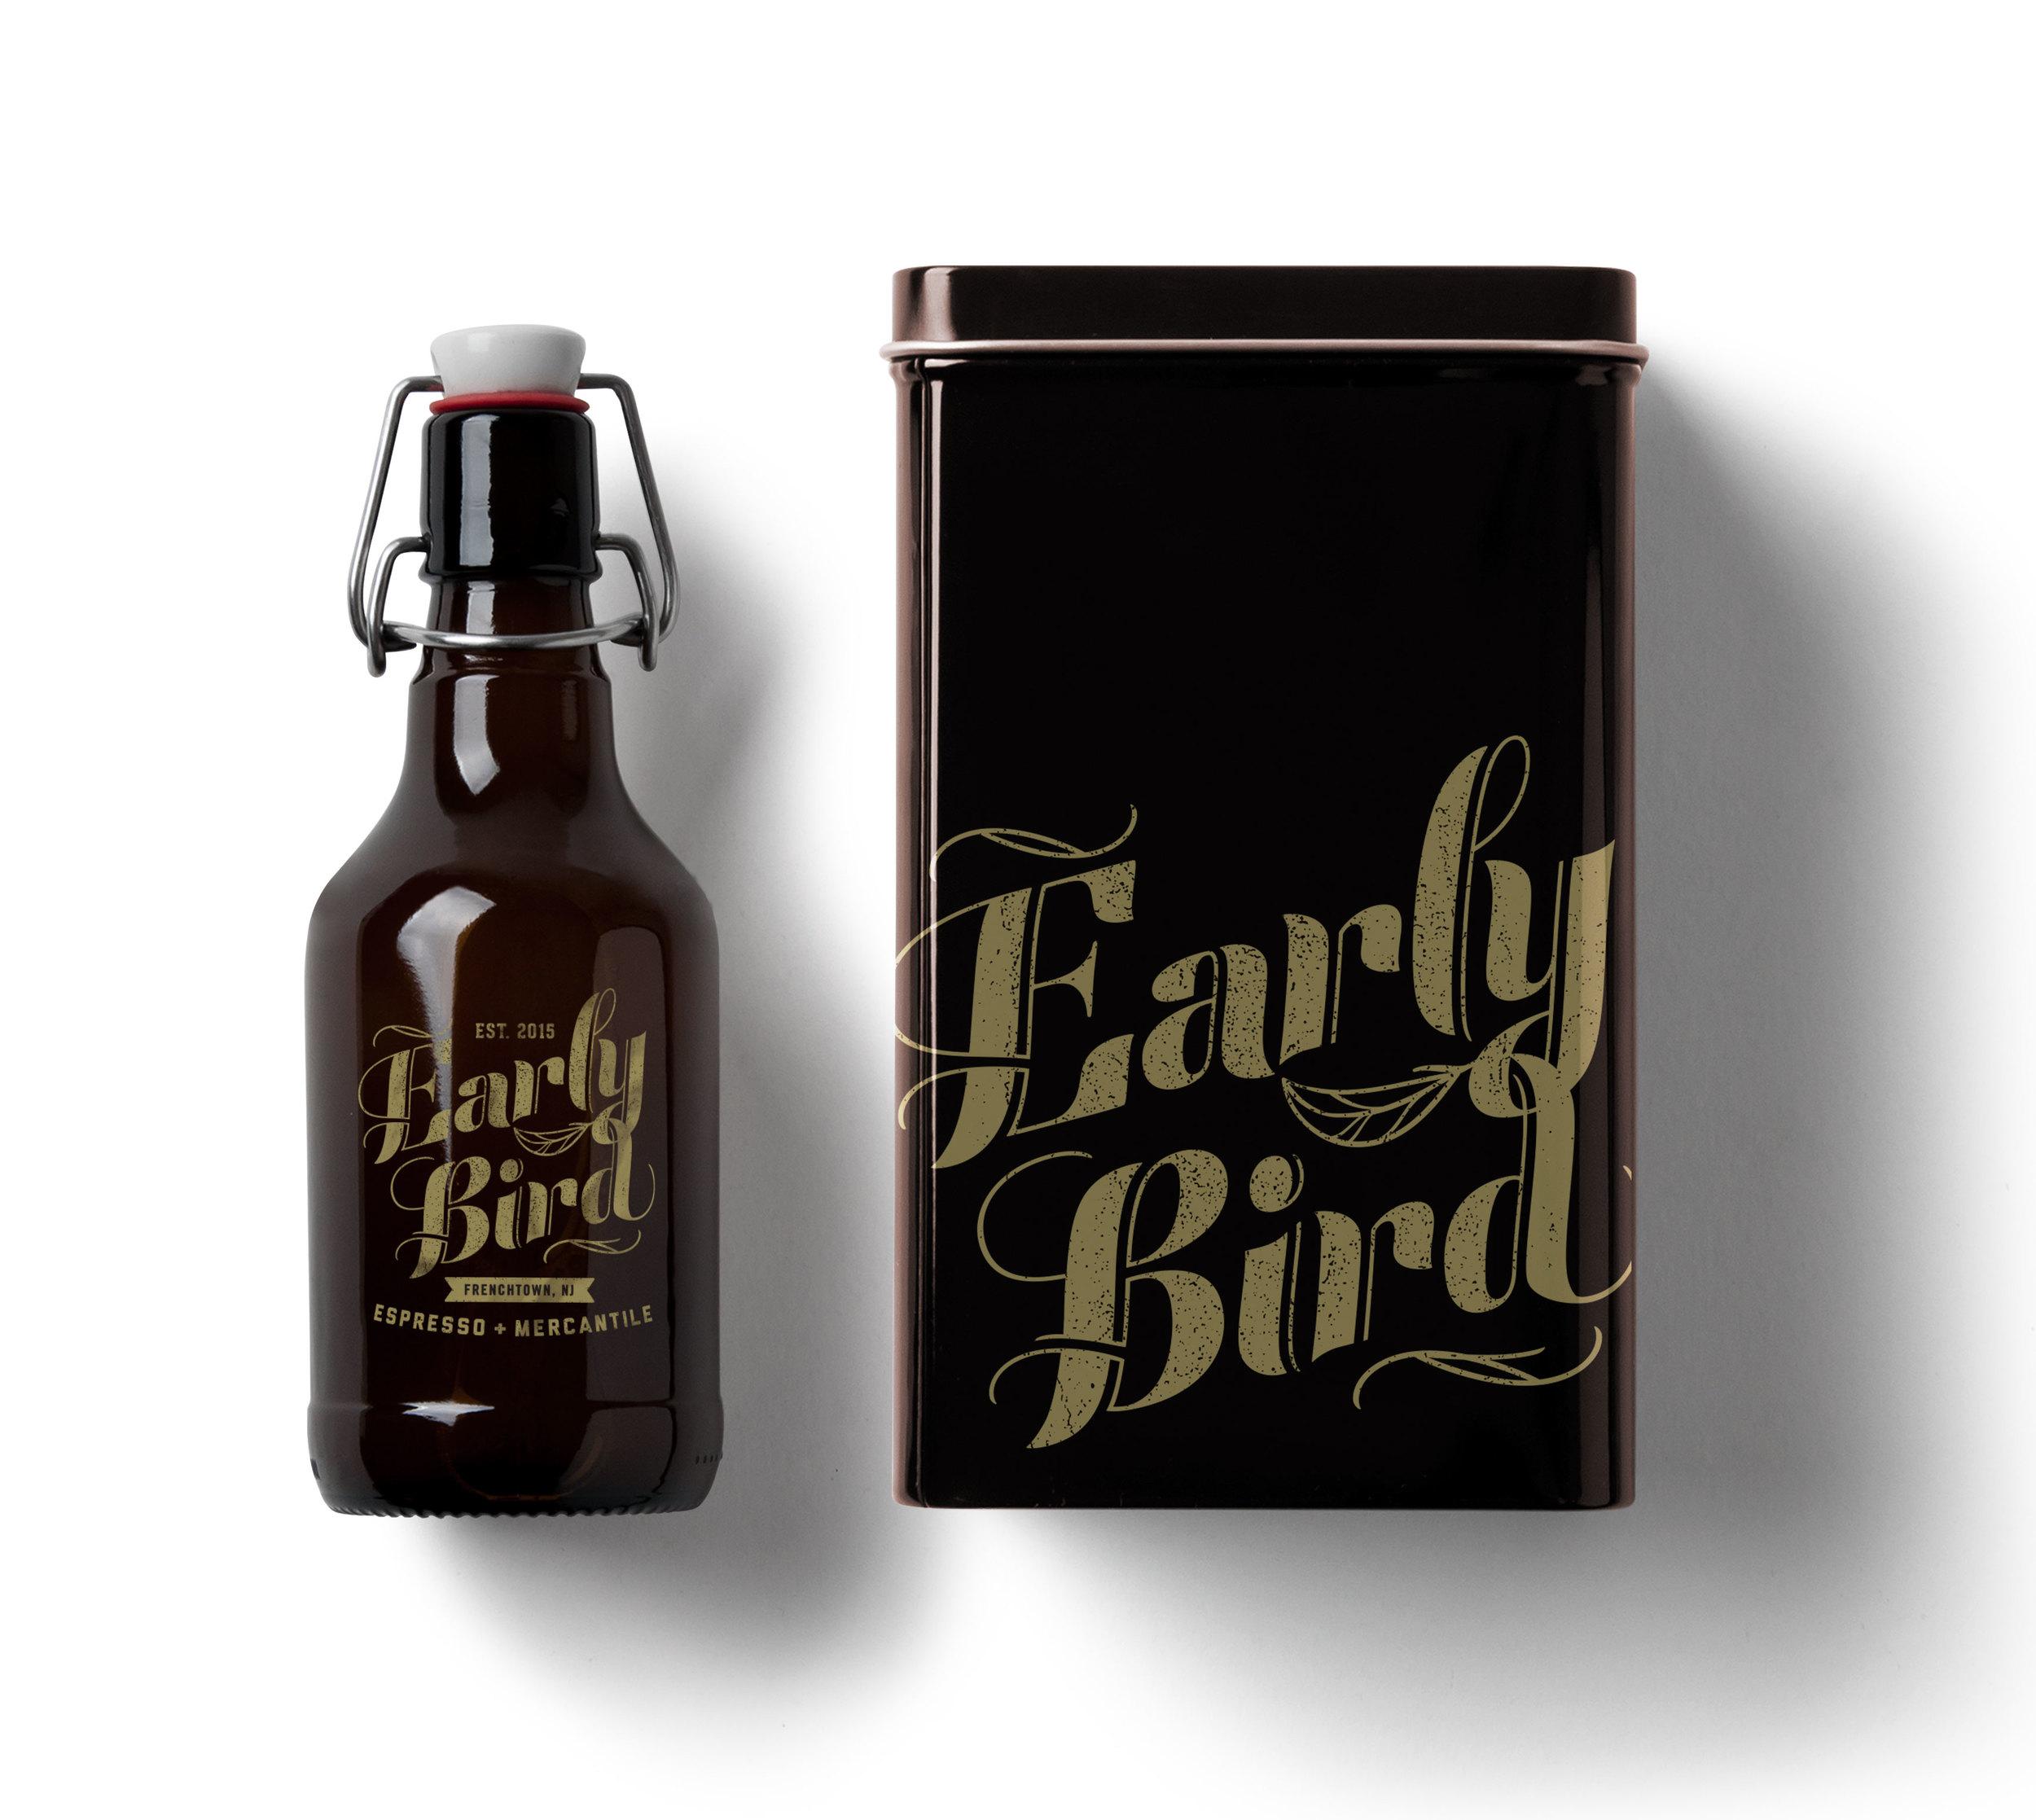 160812_EarlyBird_Bottle_Canister_Web.jpg